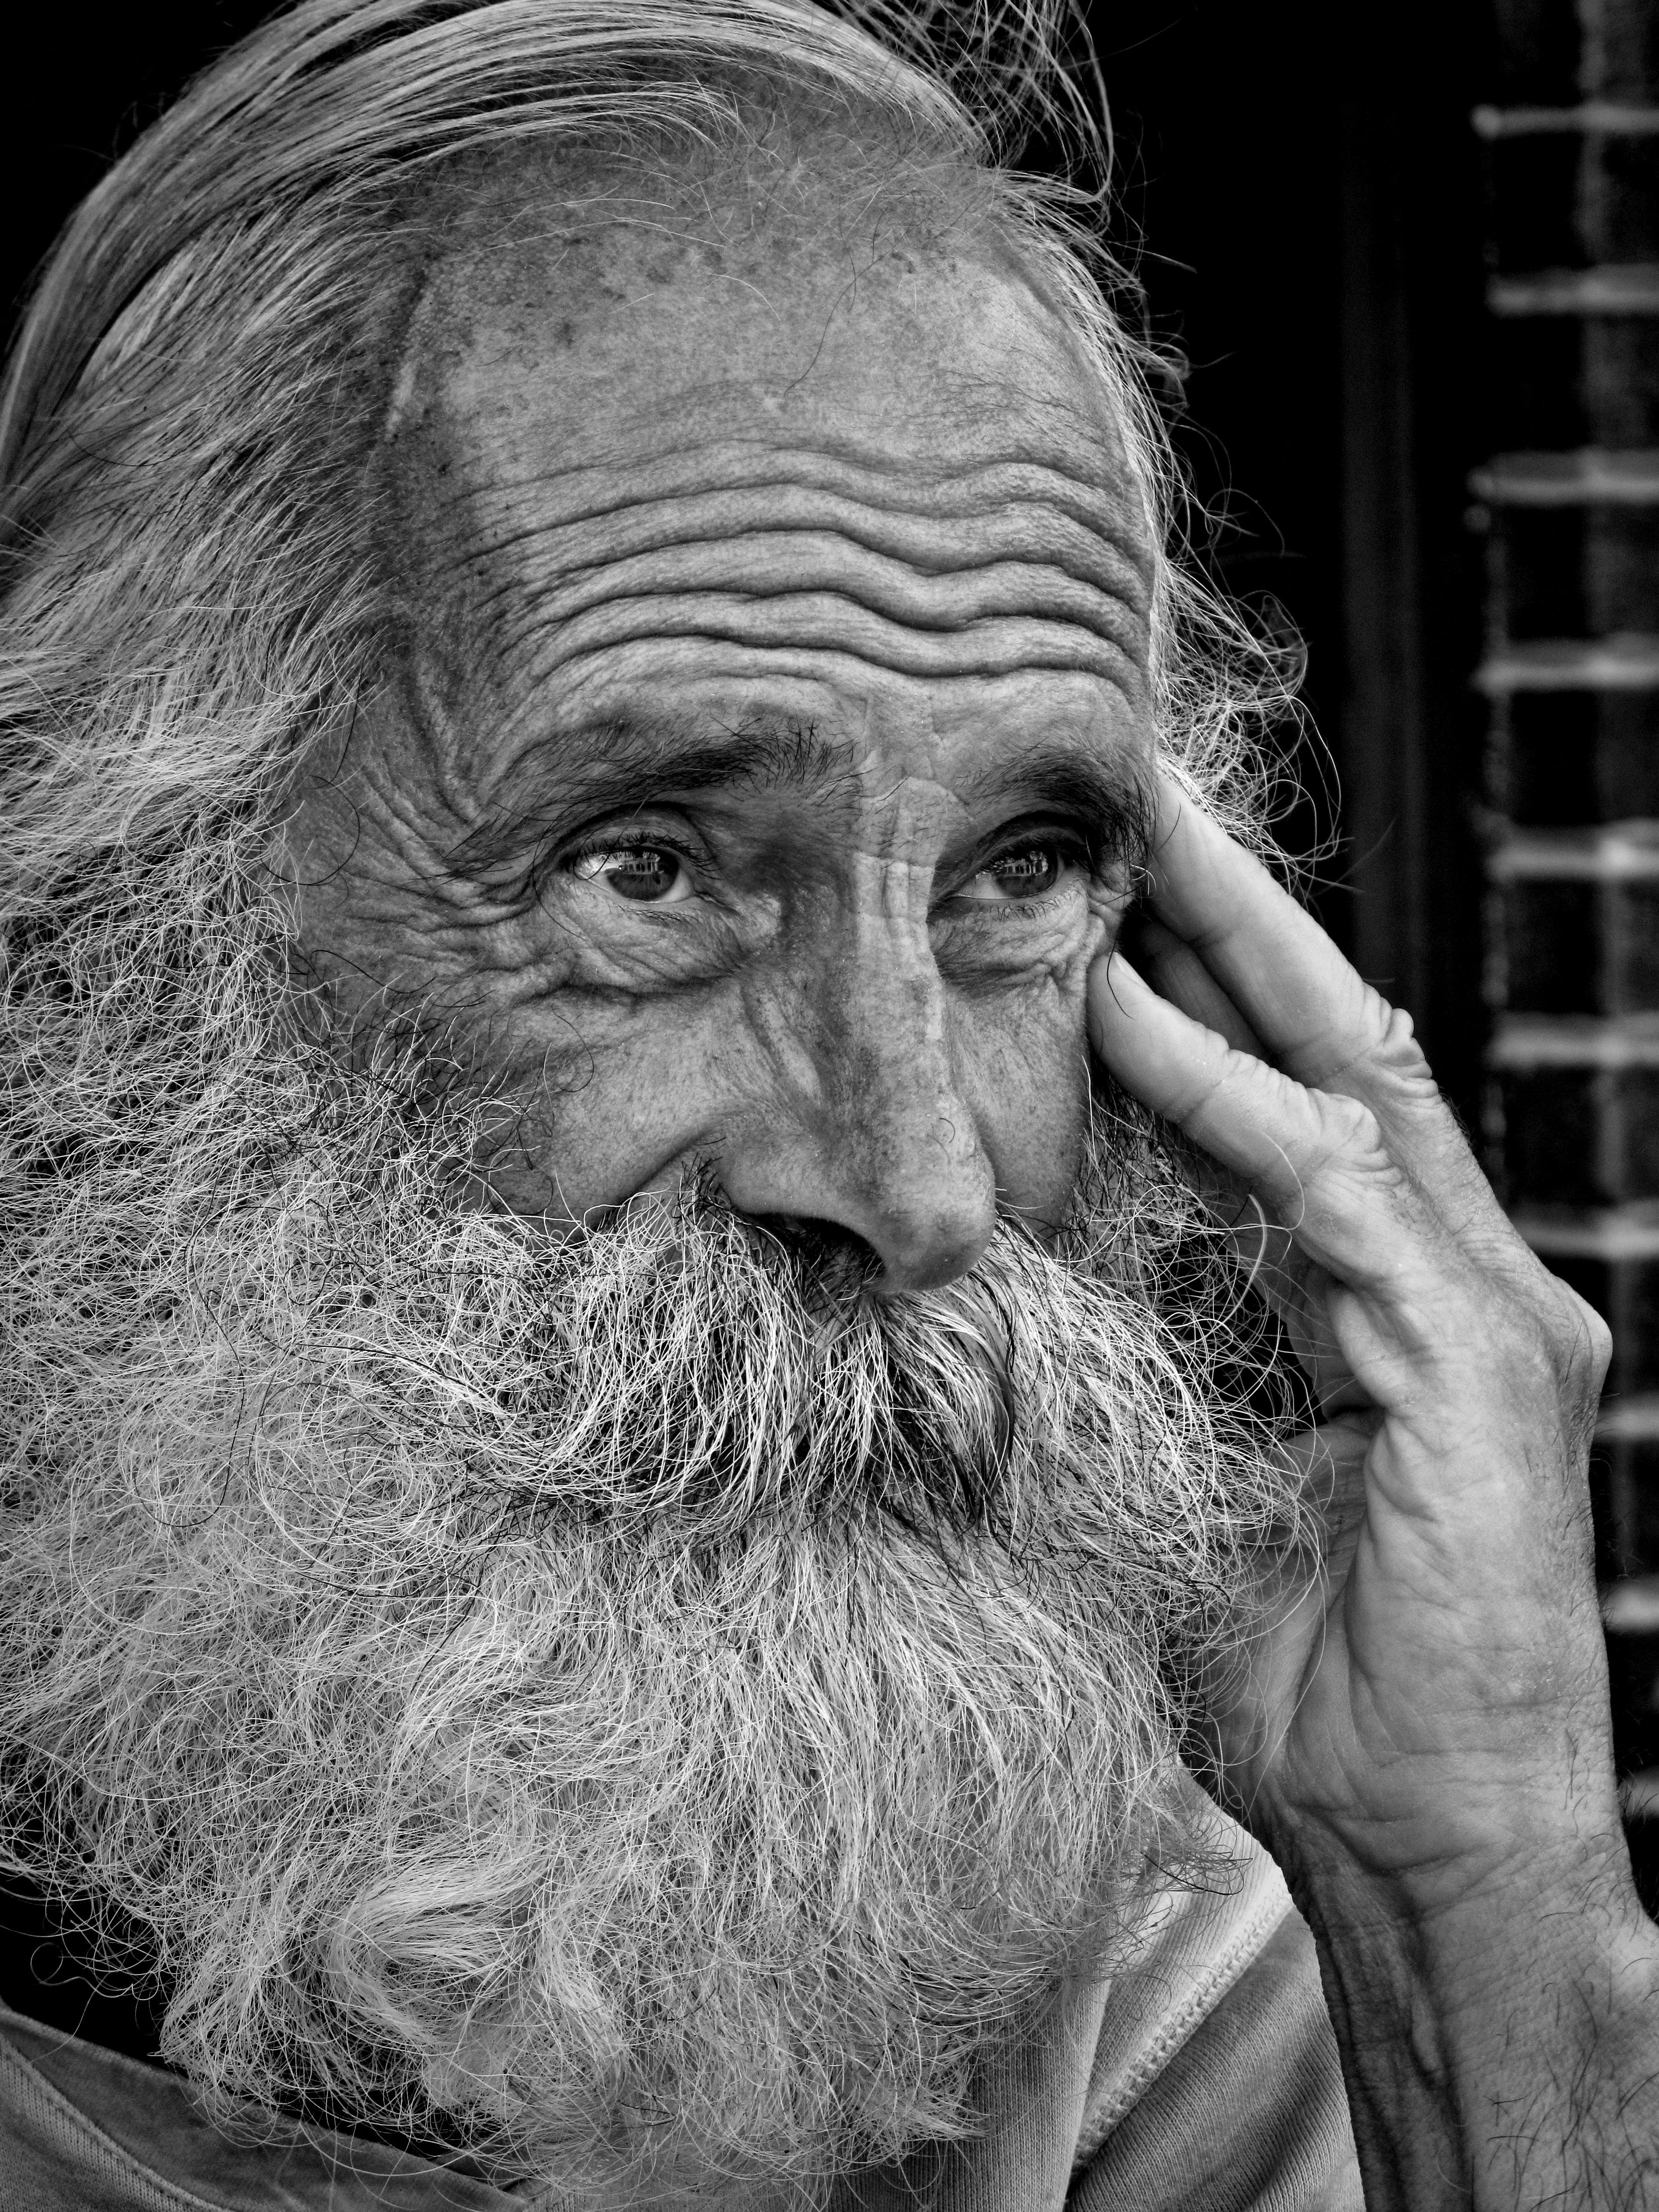 Картинки старые мужчины